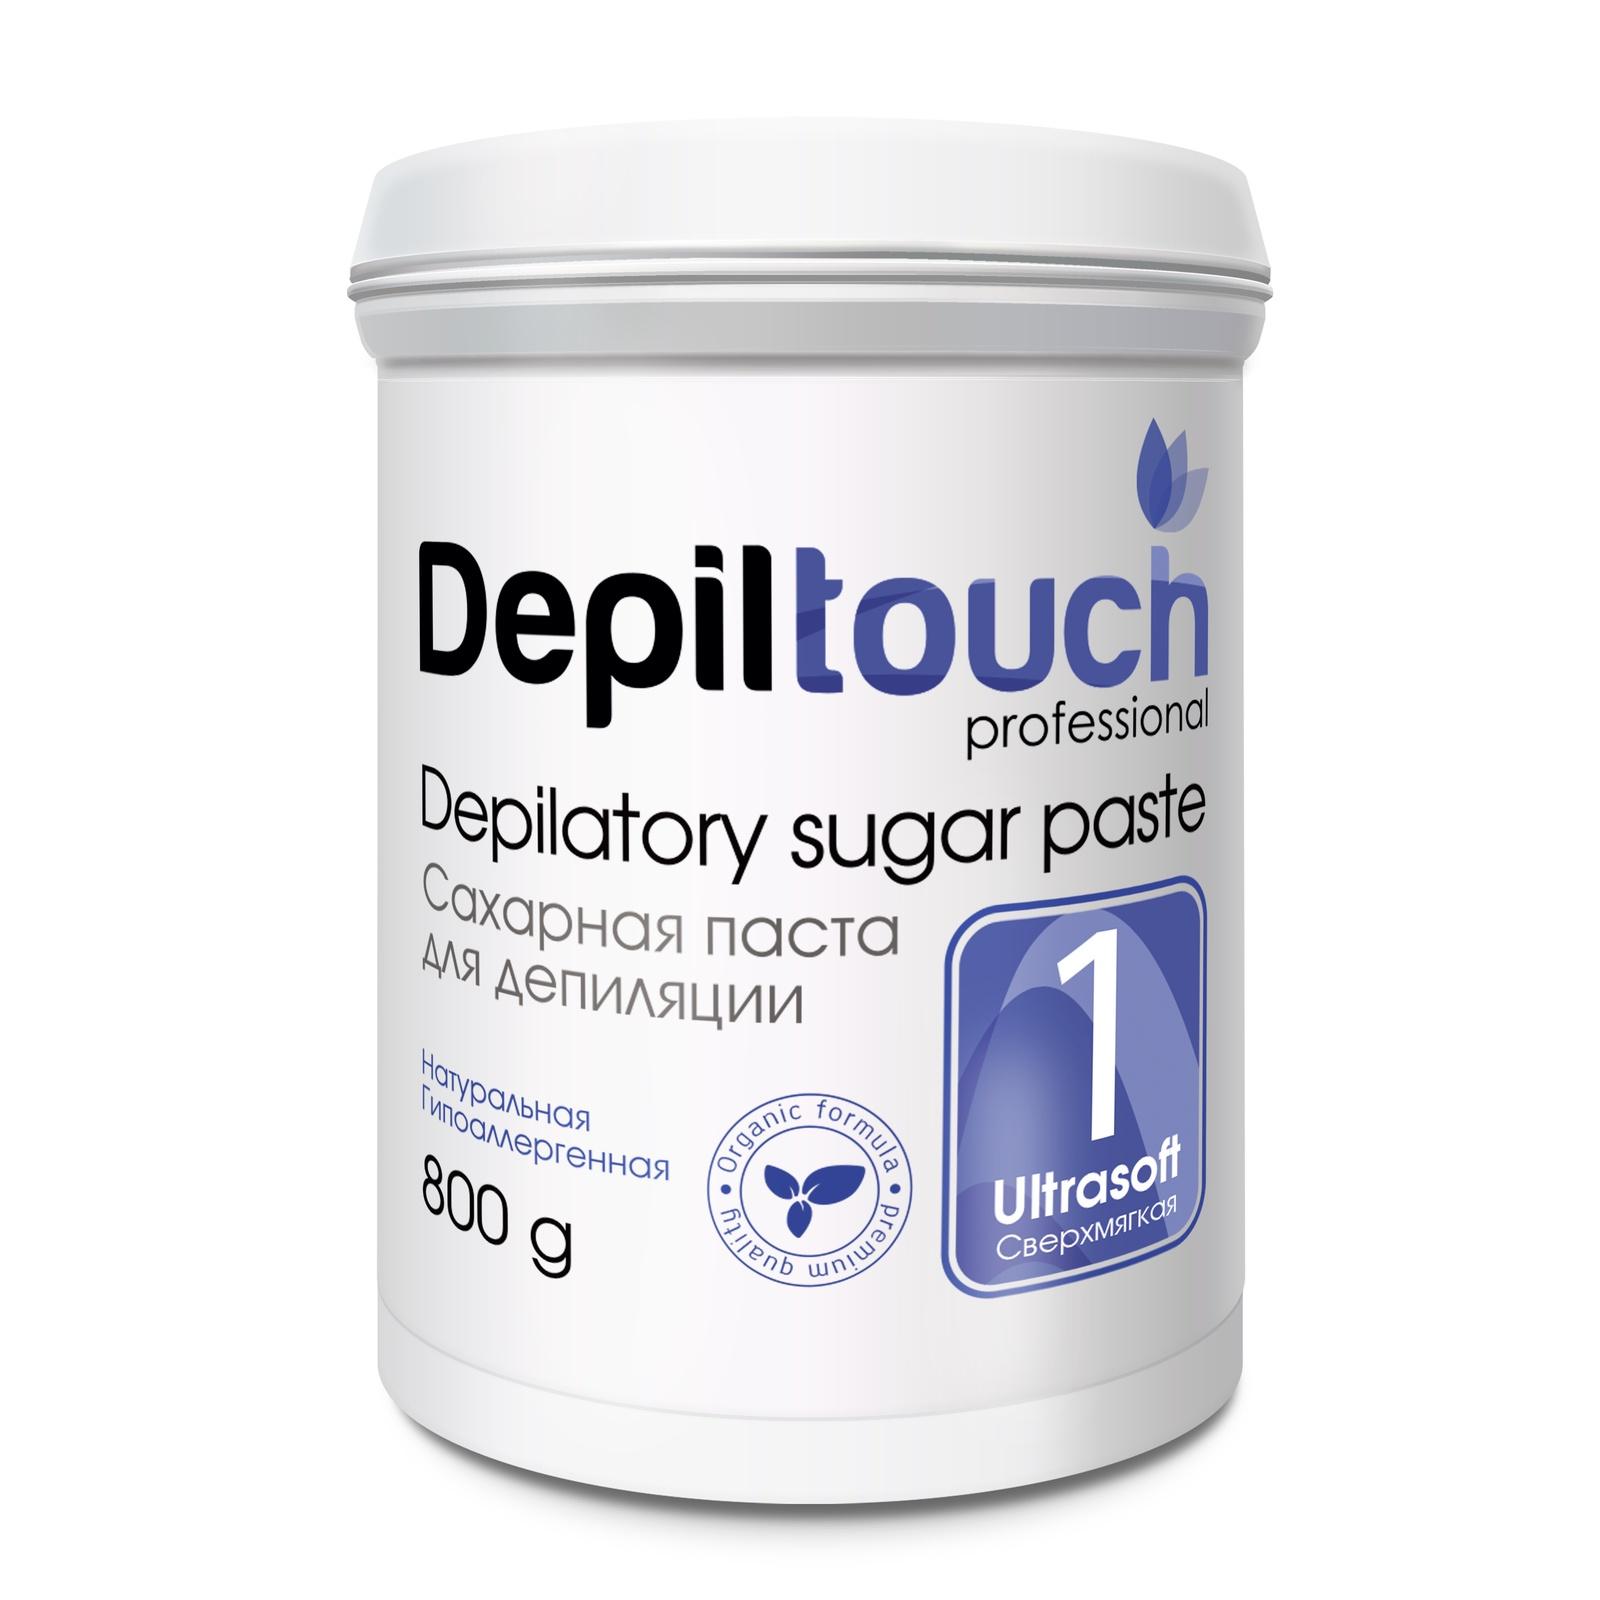 Depiltouch 87707 Сахарная паста для депиляции 1 СВЕРХМЯГКАЯ Depiltouch professional 800г для депиляции